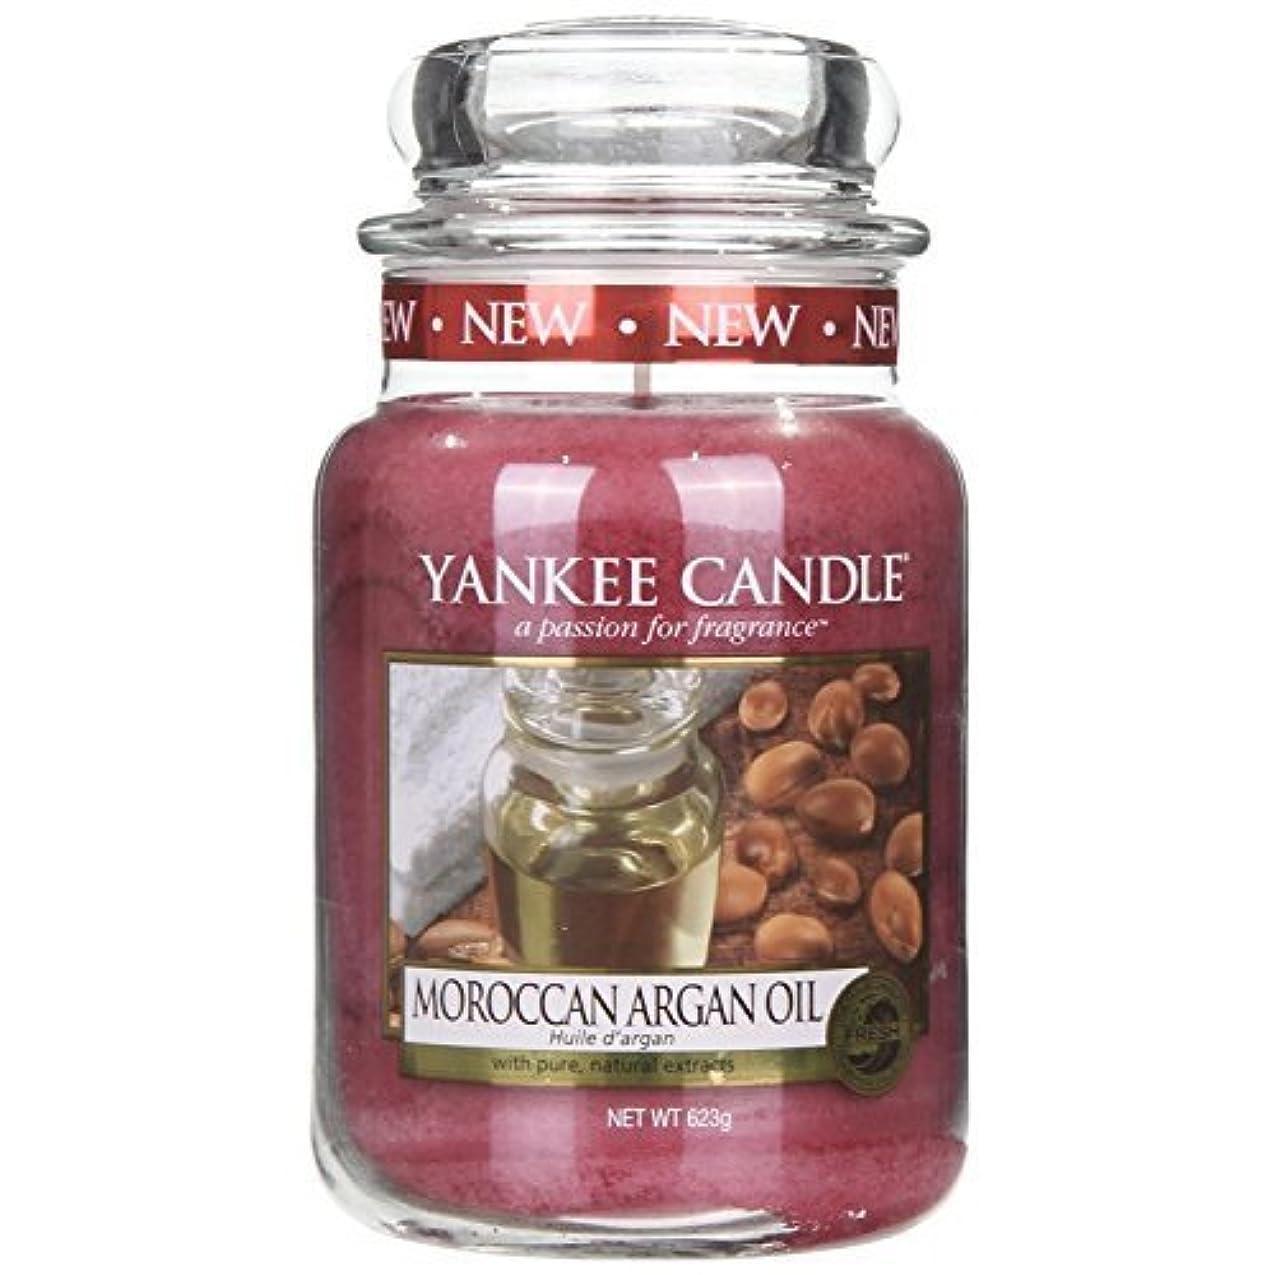 起業家呼ぶ変なYankee Candle MOROCCAN ARGAN OIL 22oz Large Jar Candle - UK Exclusive by Yankee Candle [並行輸入品]